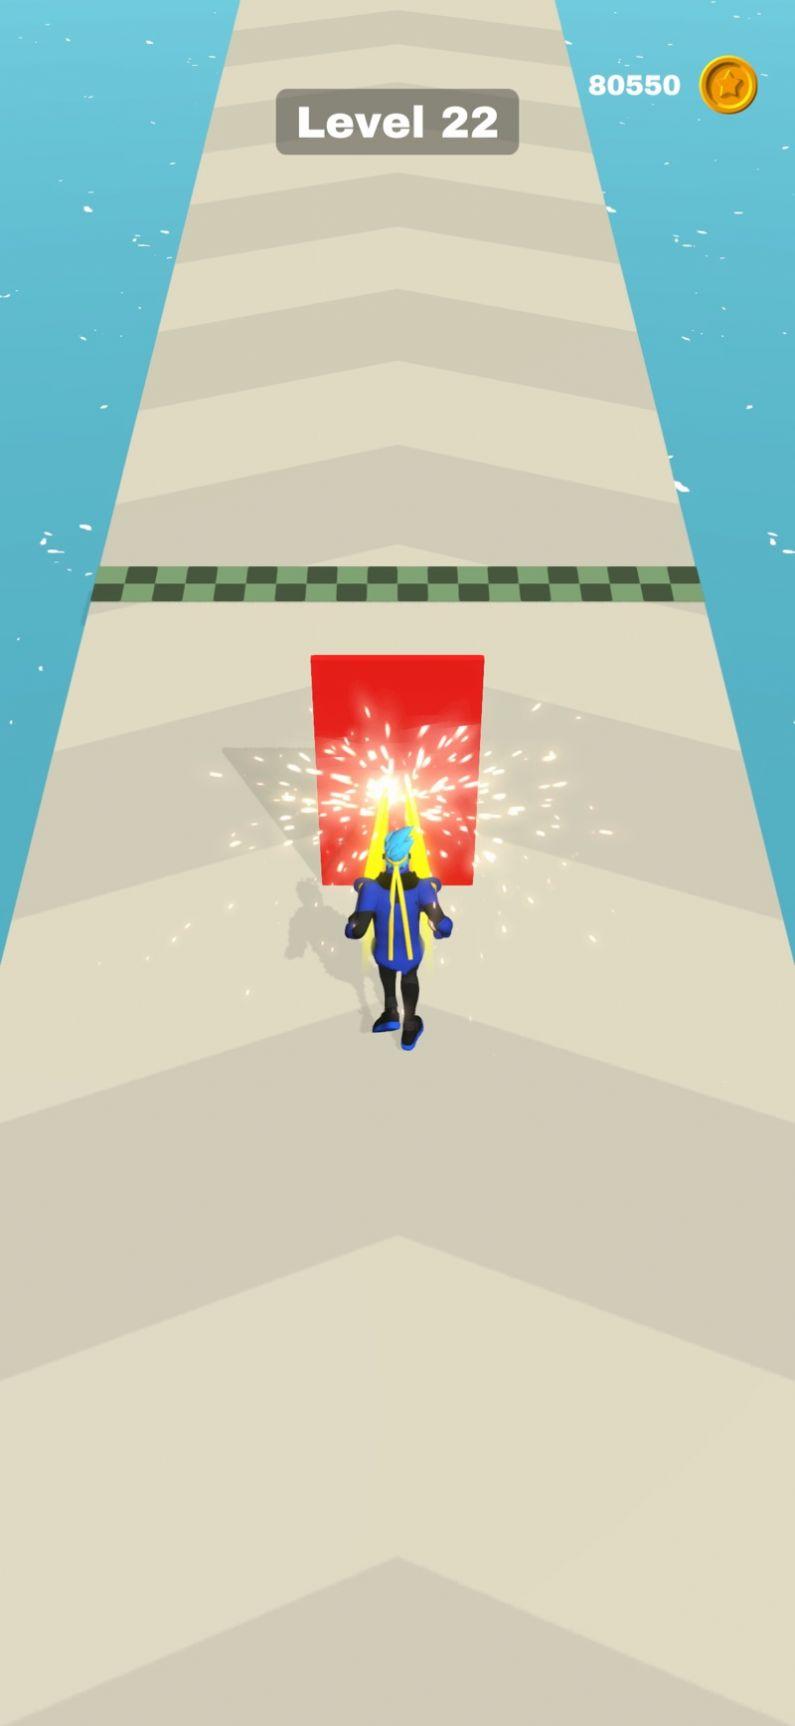 万物皆斩游戏IOS最新版图2: